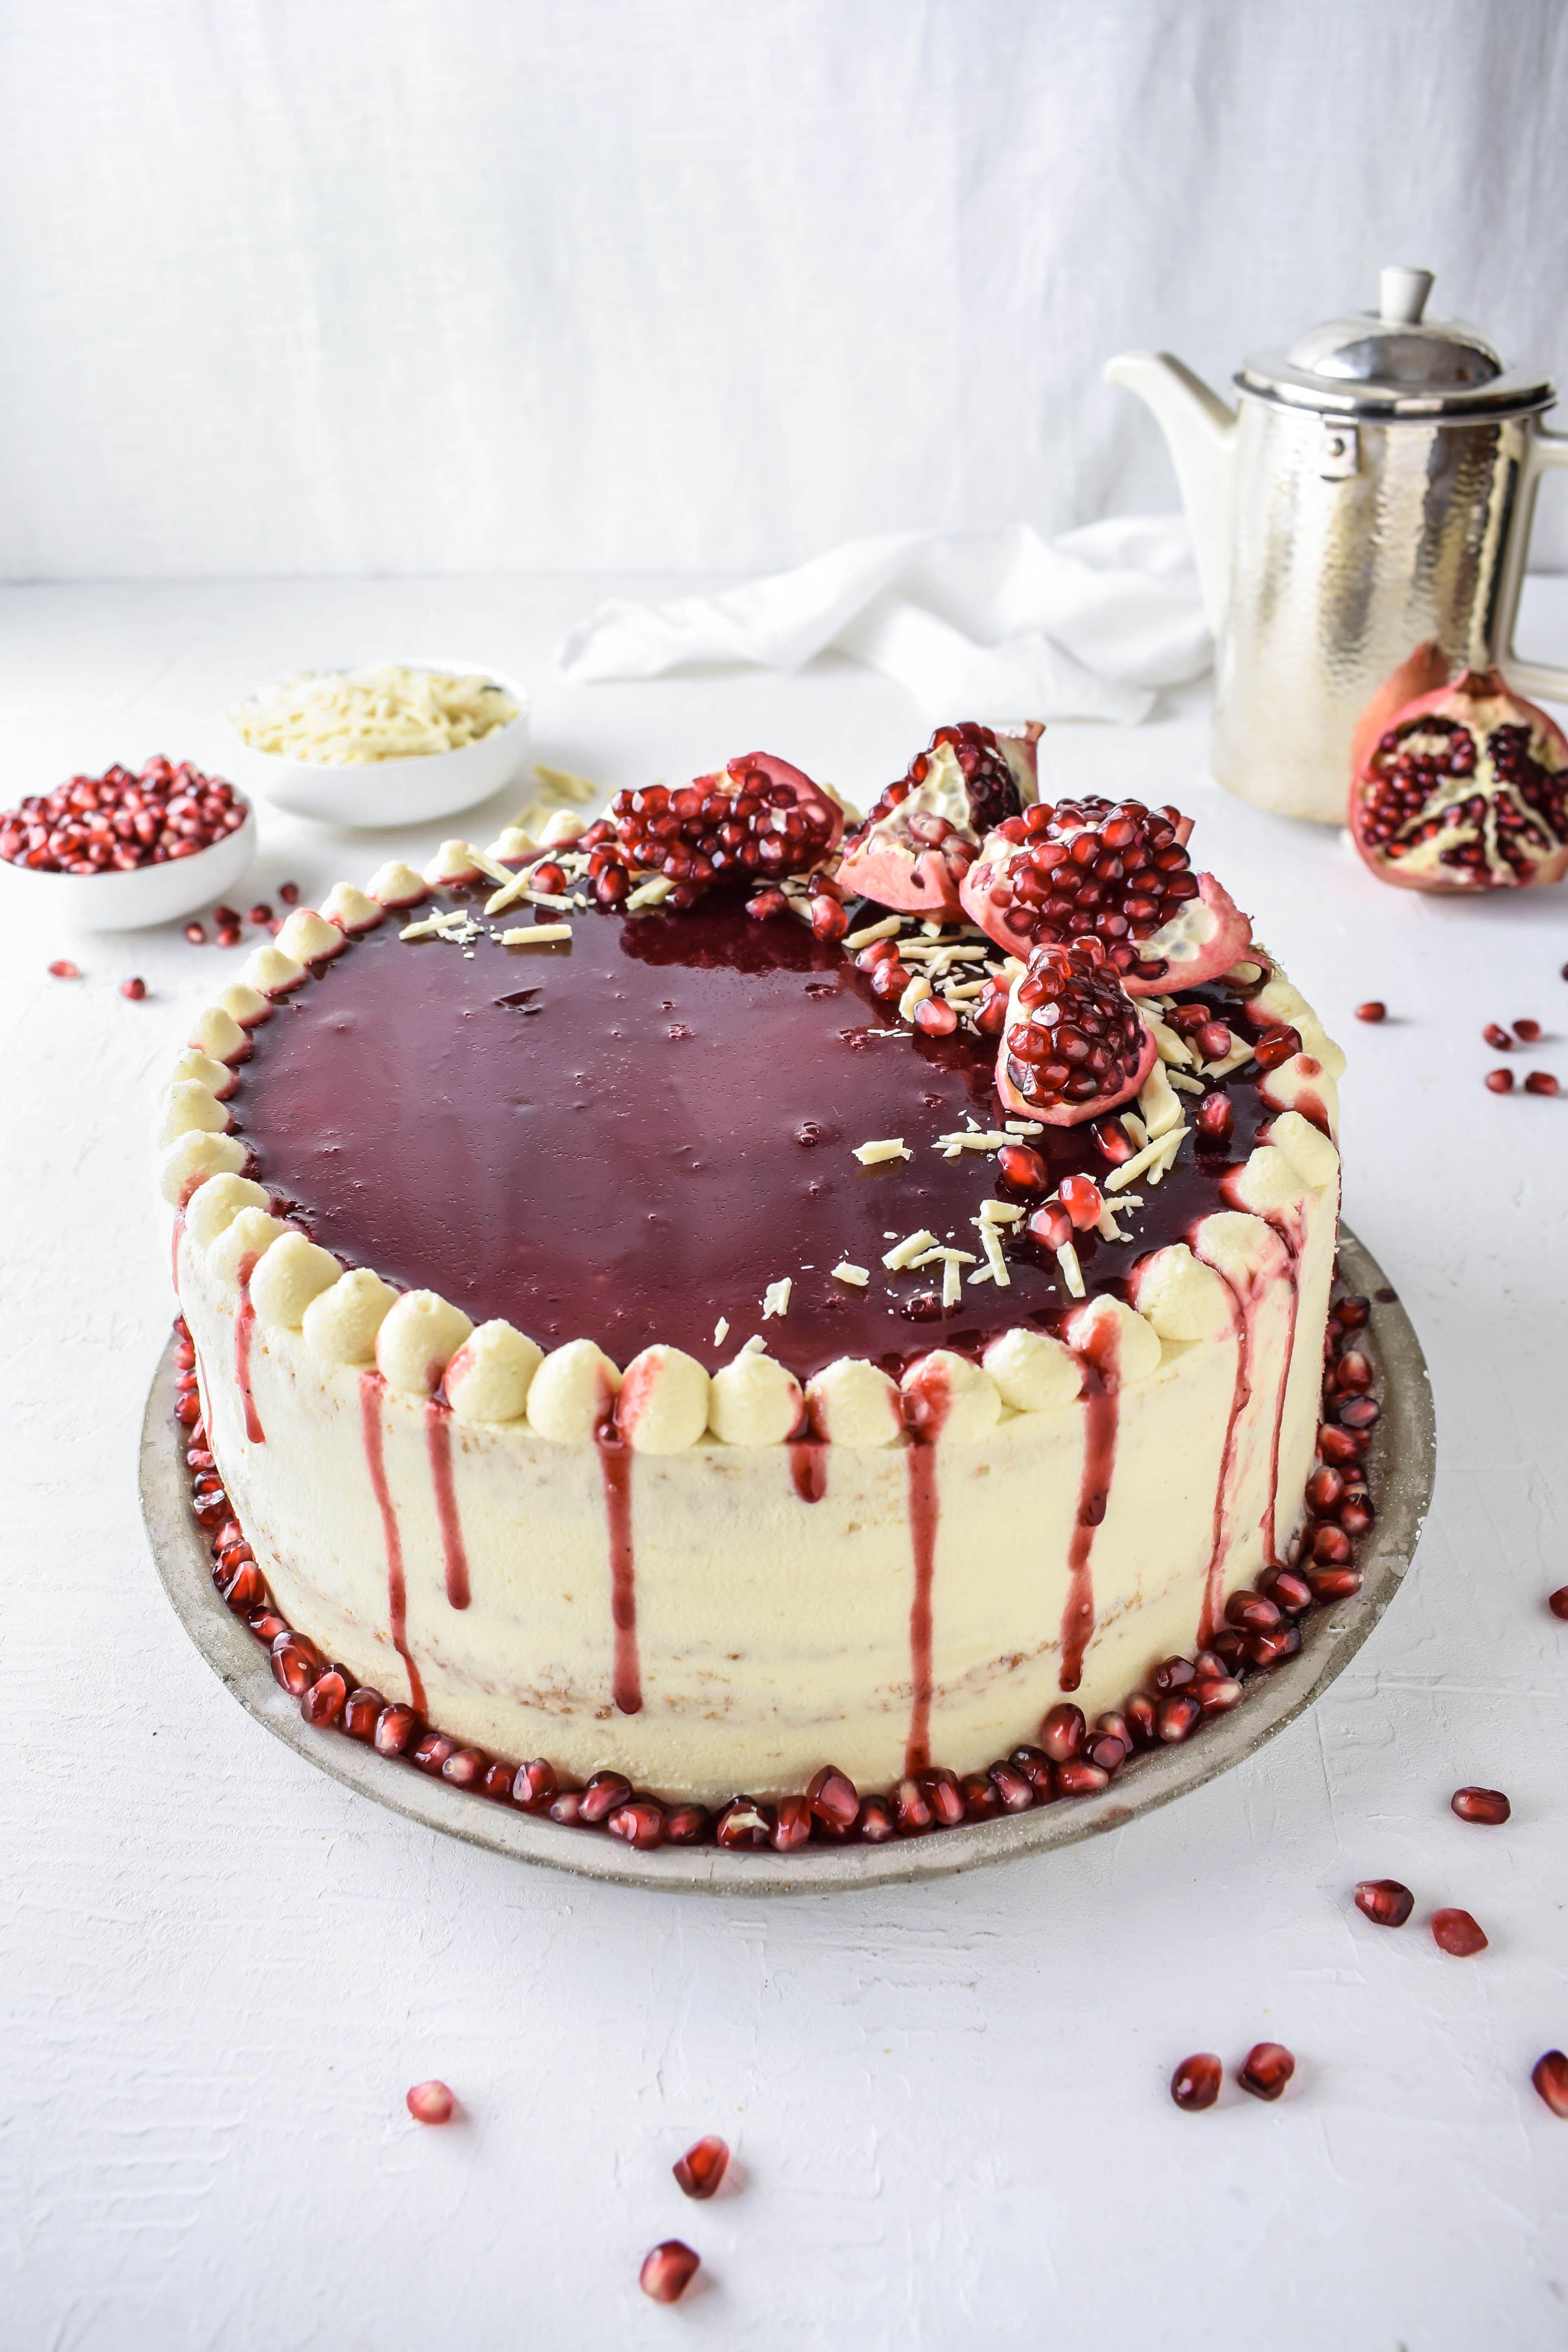 Granatapfel Weisse Schokoladen Torte Mit Mascarpone Schokolade Torten Rezepte Kuchen Und Torten Rezepte Torte Mit Mascarpone